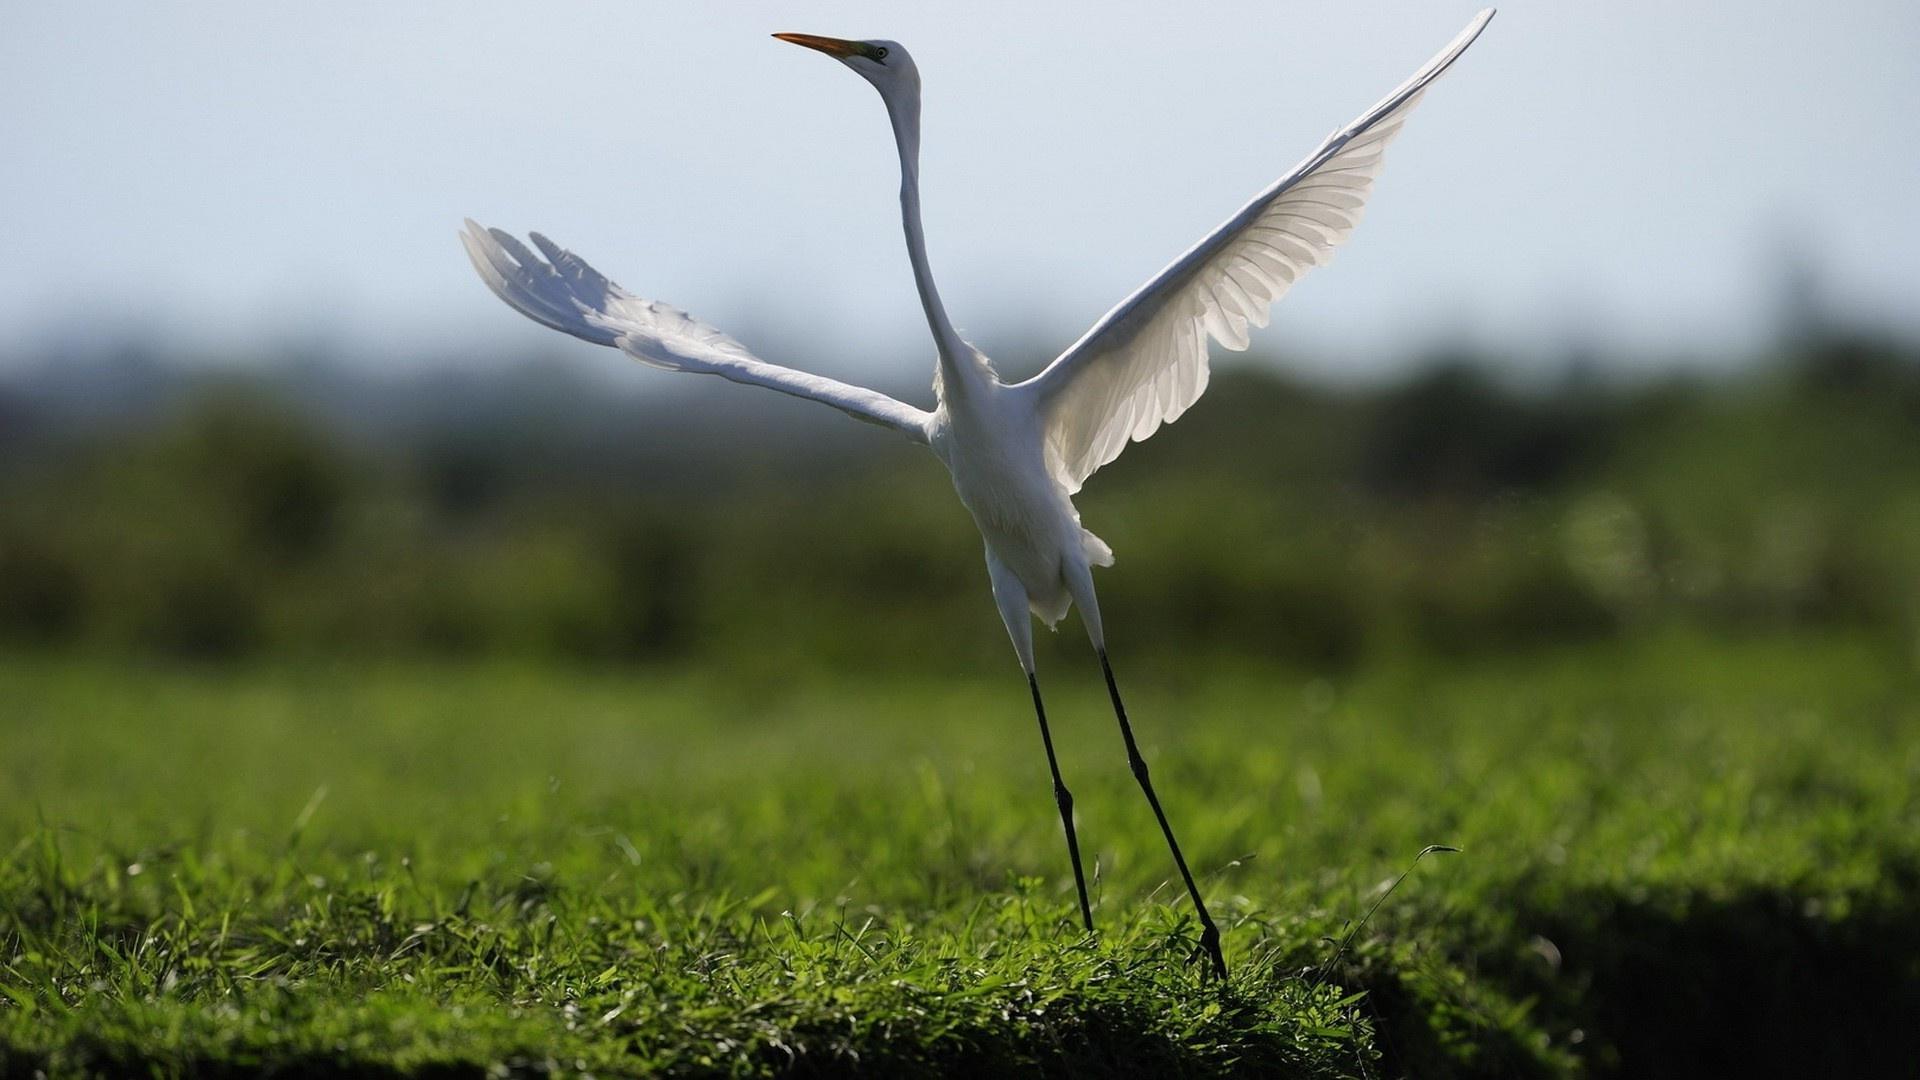 Crane Picture